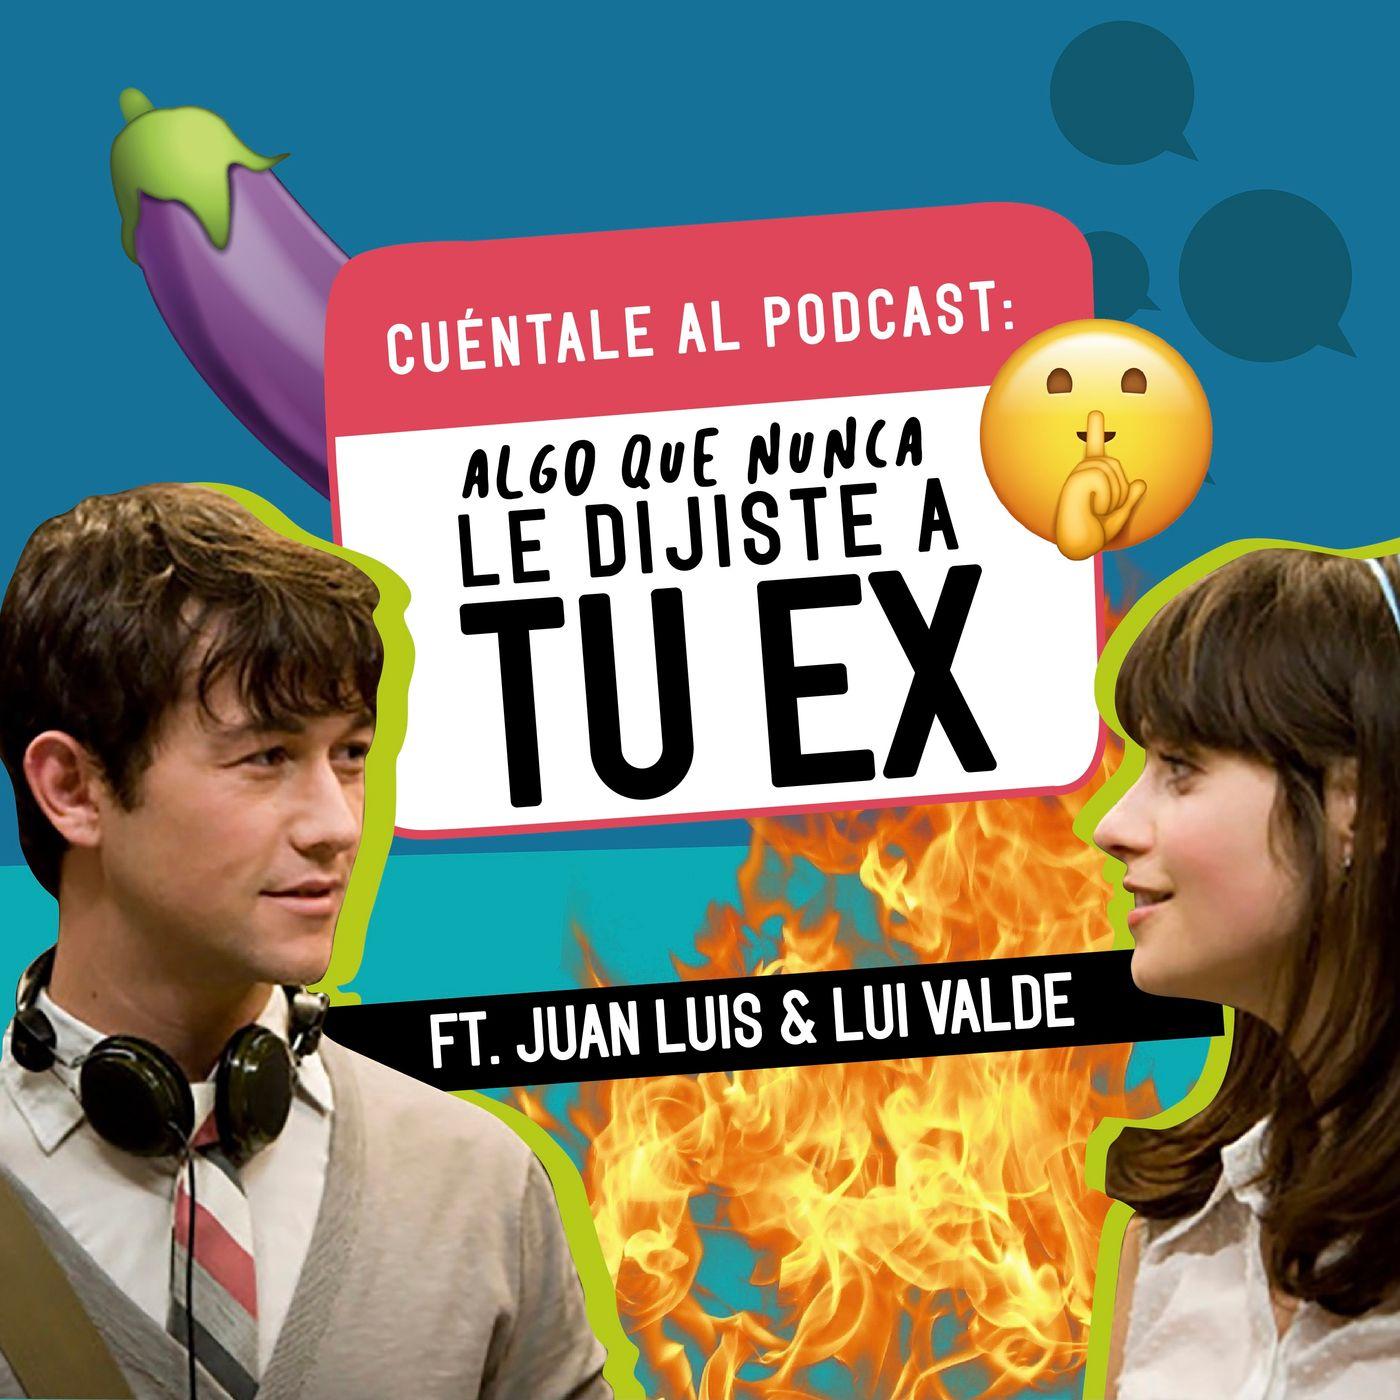 21. Algo que NUNCA le dijiste a tu EX (Ft. Juan Luis & Lui)